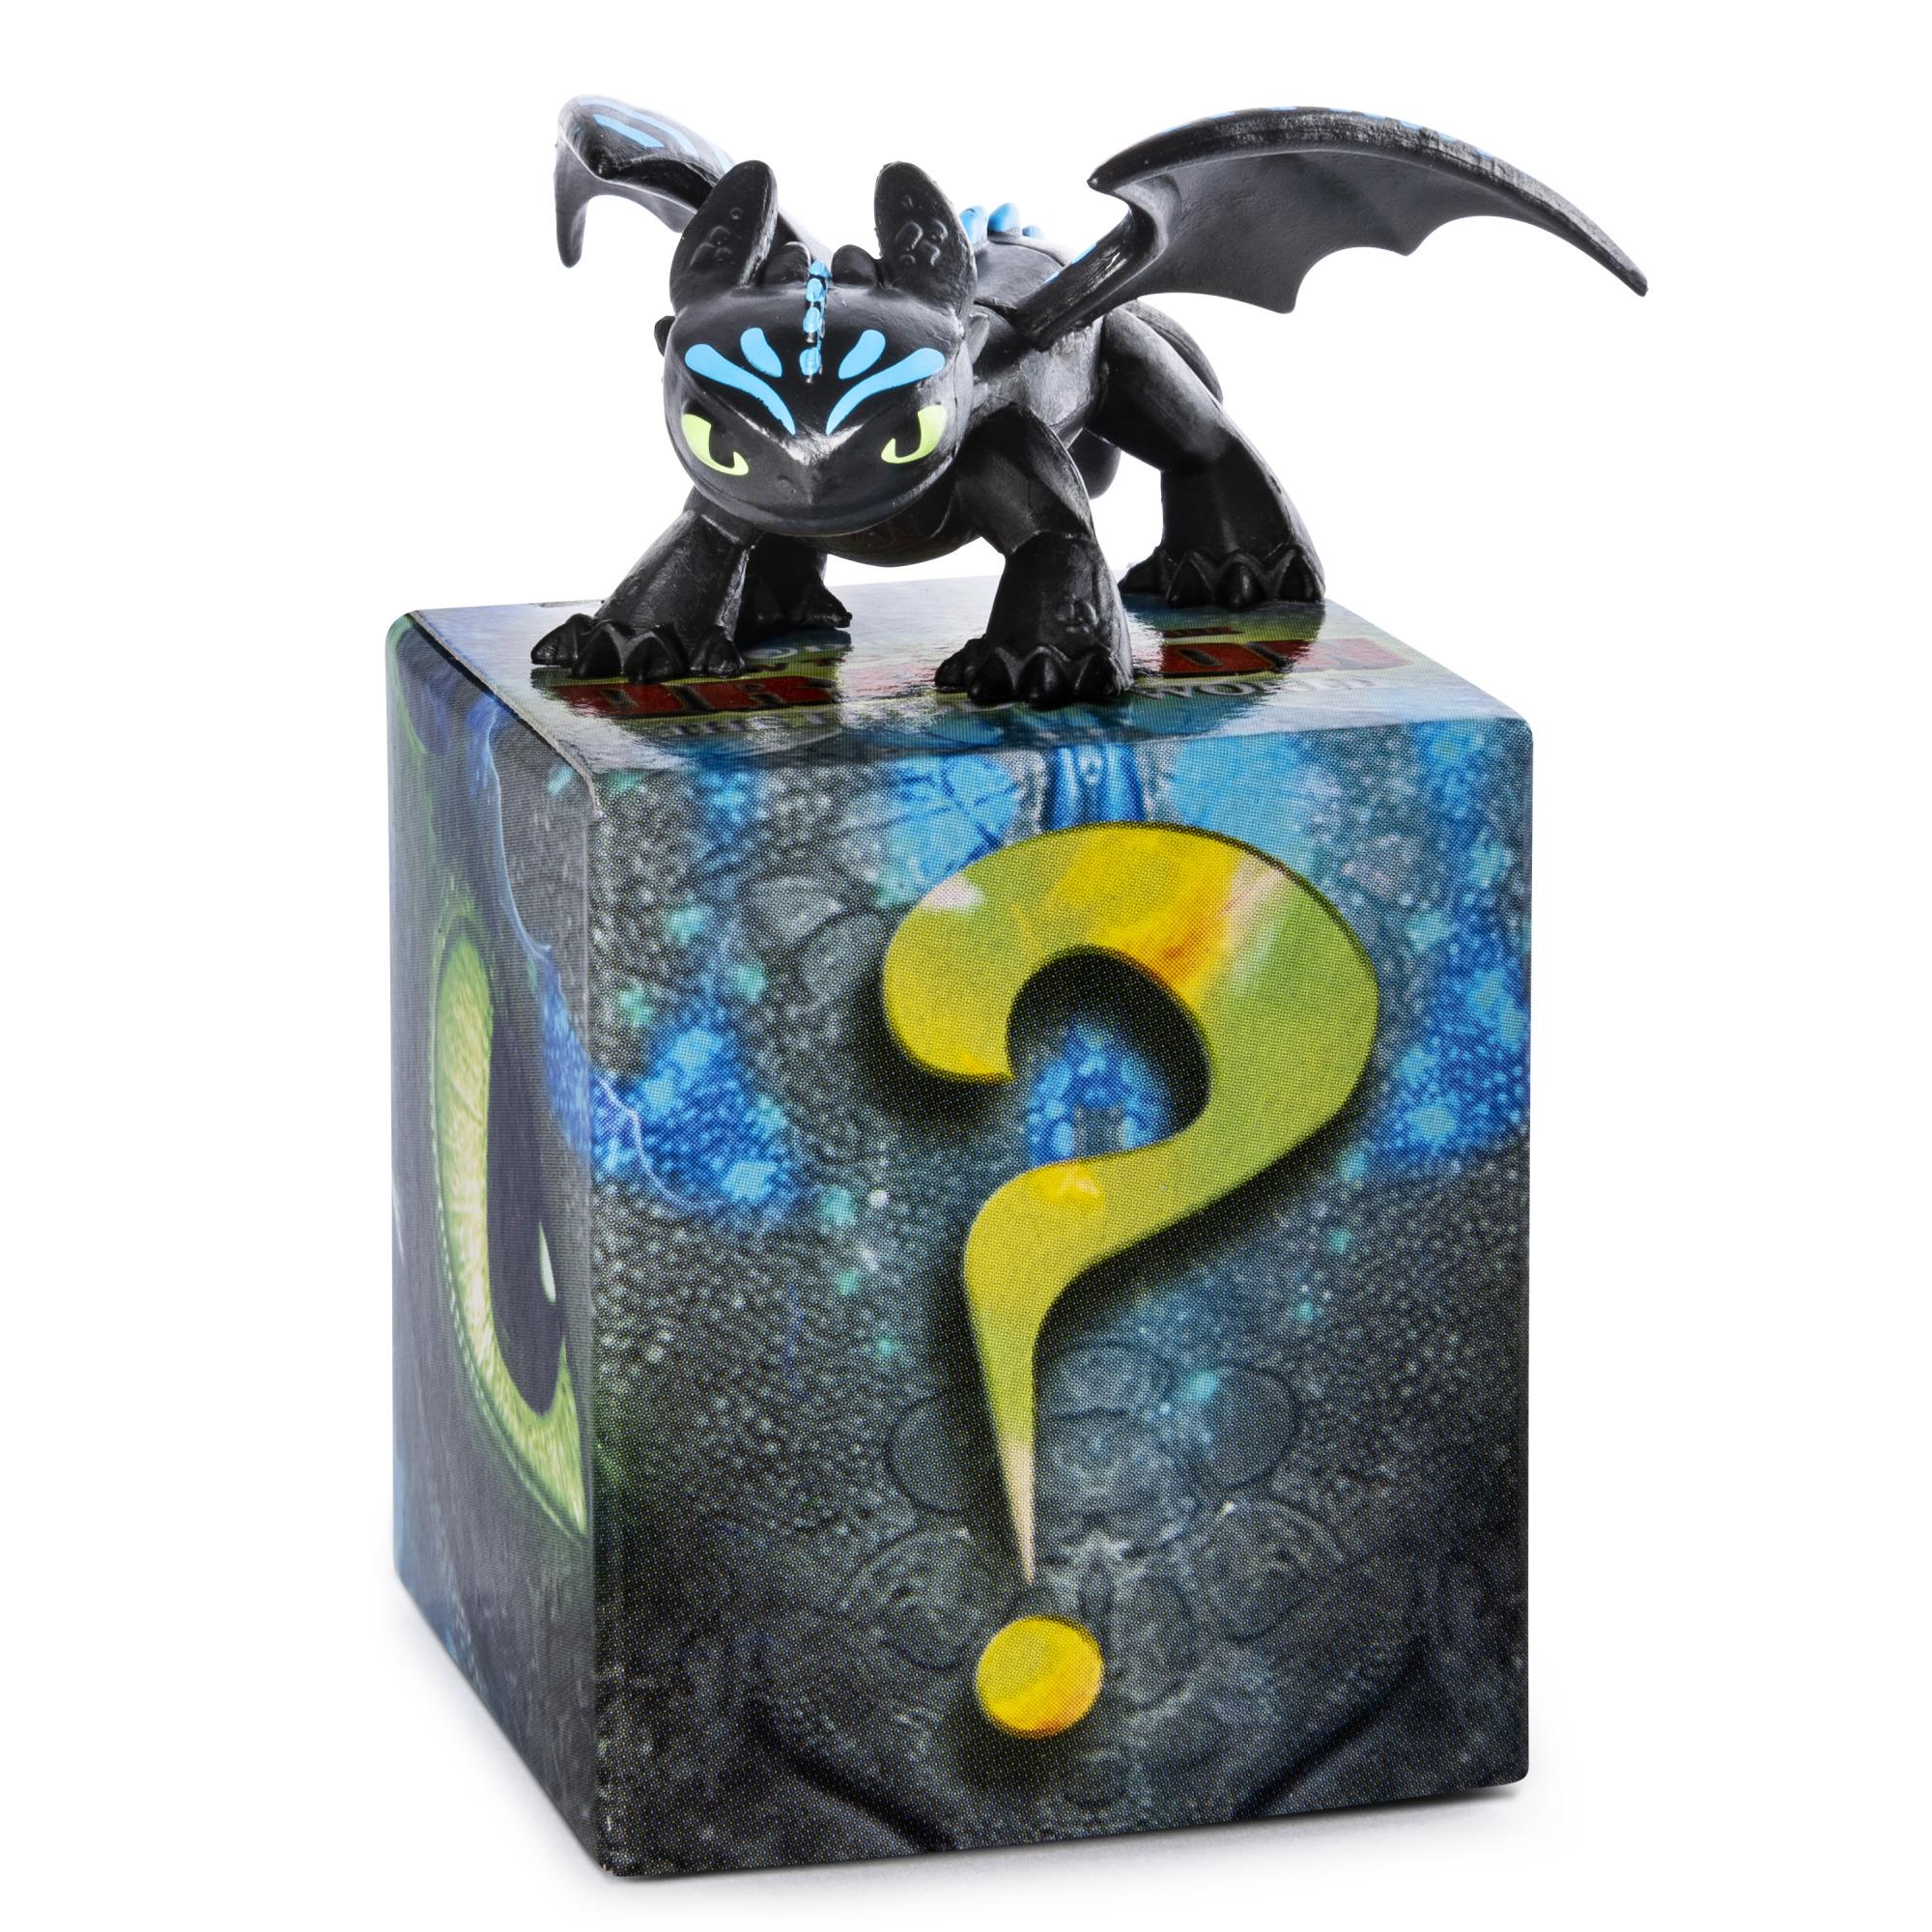 Игровой набор Dragons 66622 dragons фигурка toothless